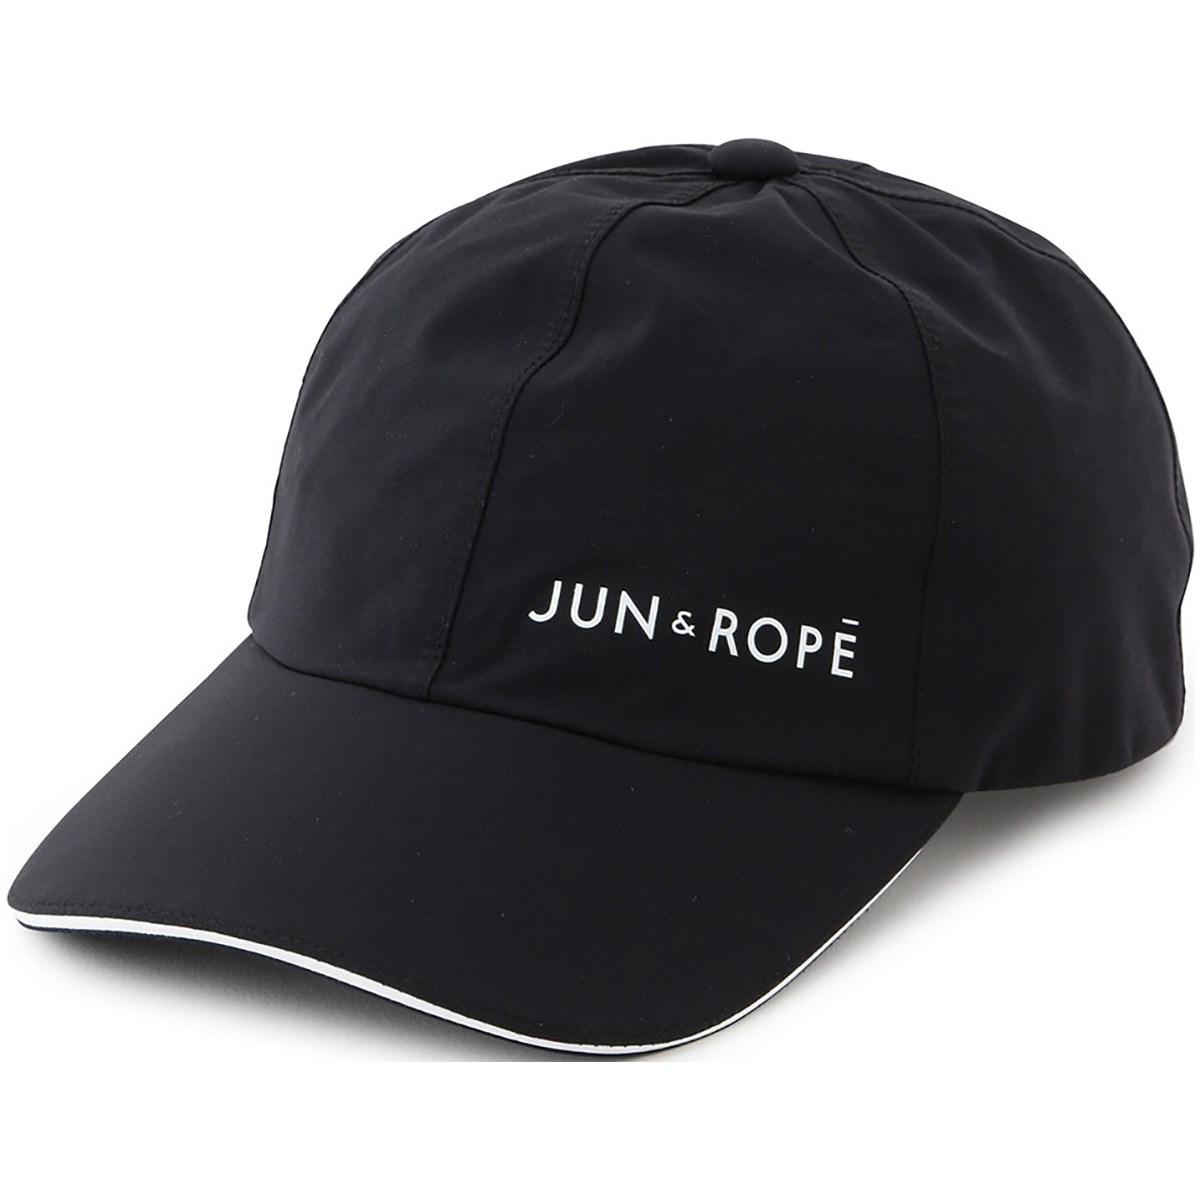 ジュン アンド ロペ JUN & ROPE レインキャップ フリー ブラック 01 レディス